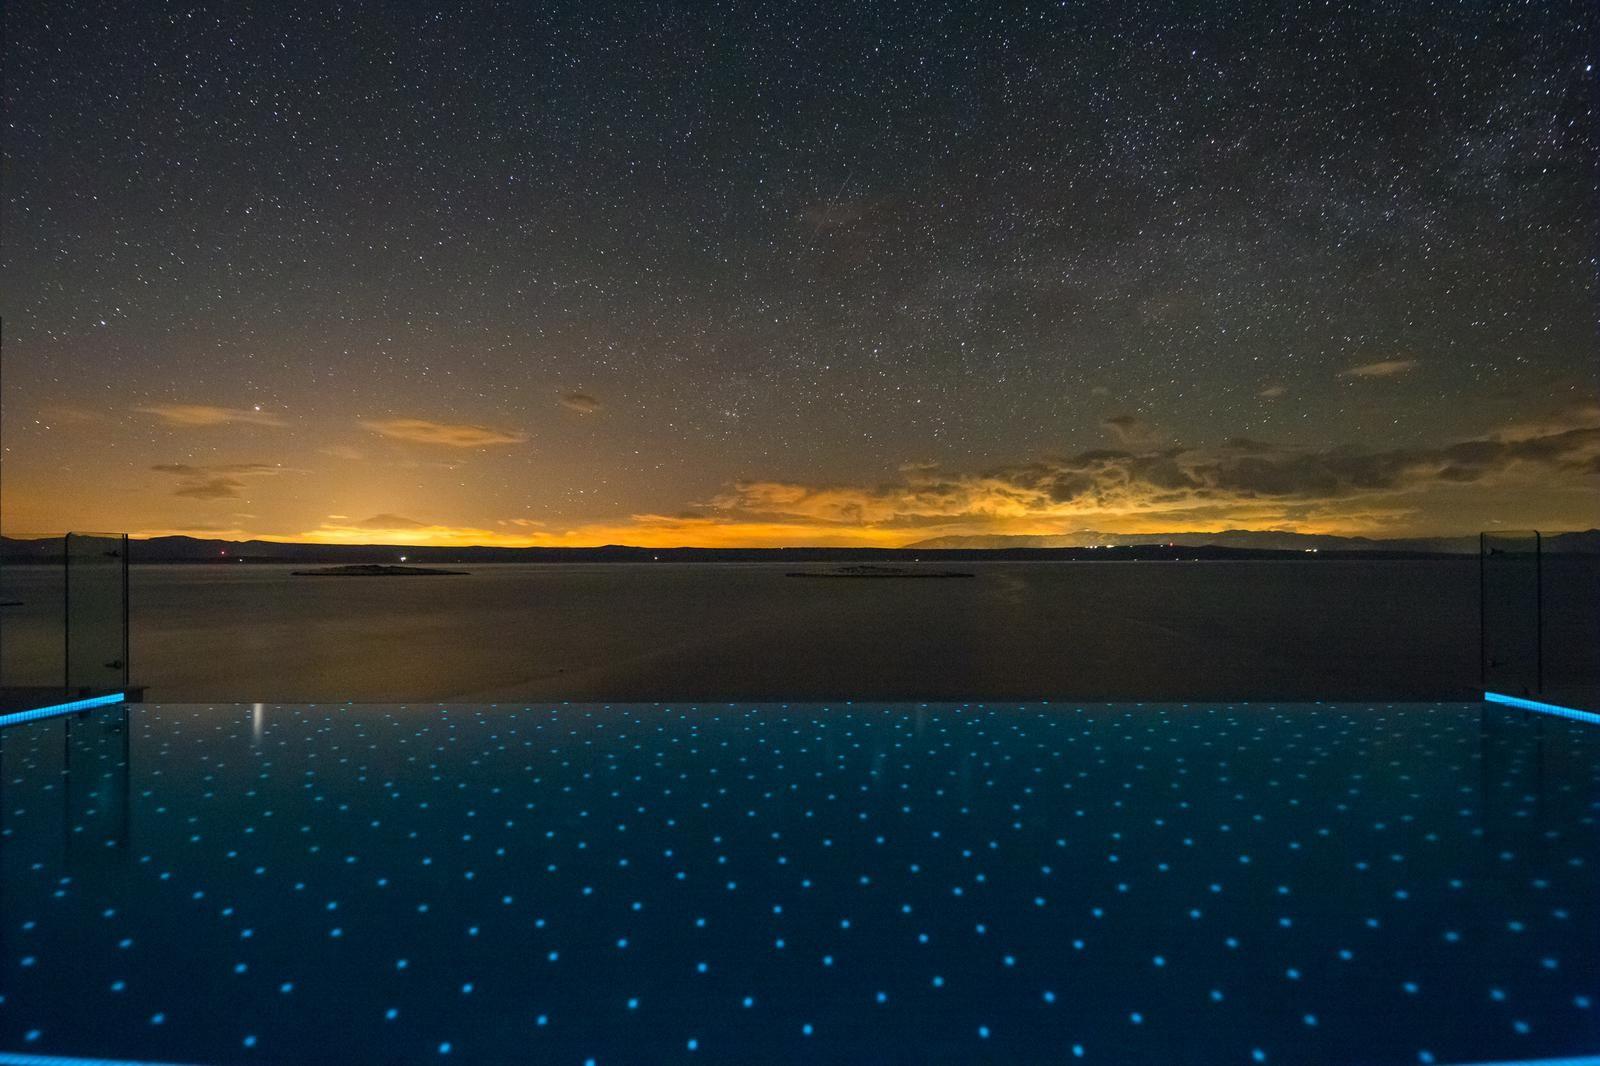 Palma de Korkyra Night view from the Infinity Pool